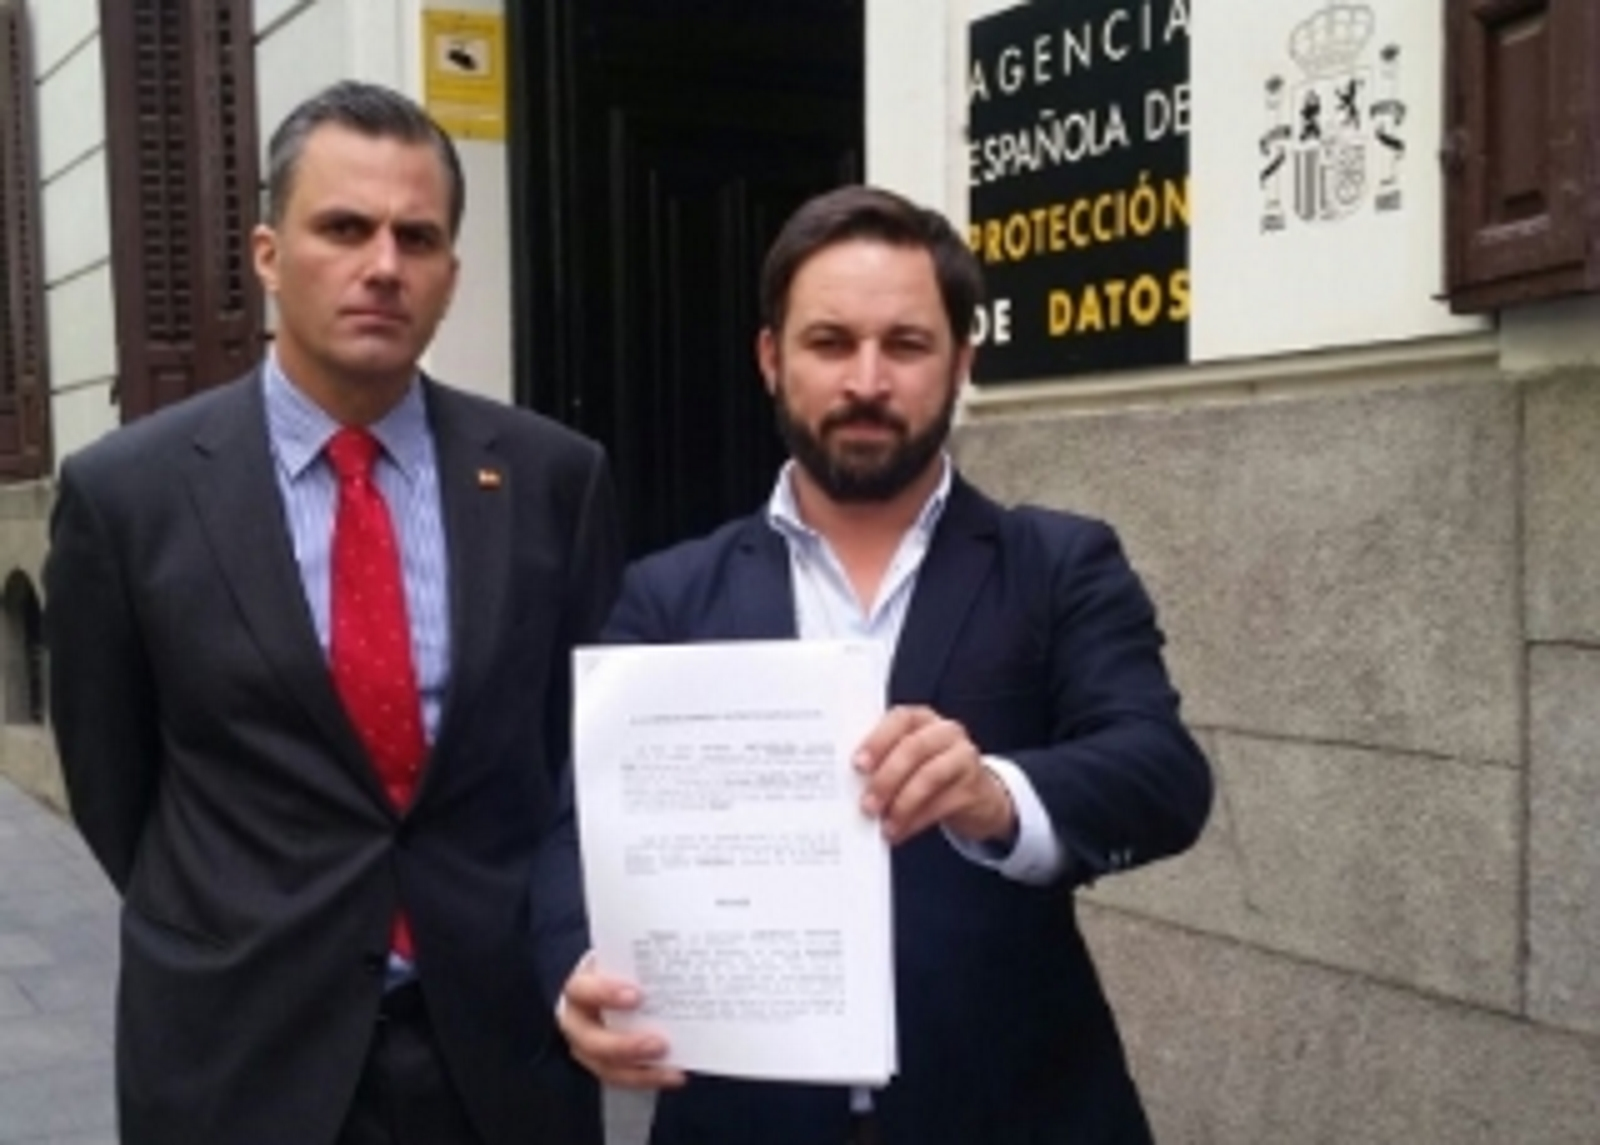 """VOX pide """"el bloqueo urgente del fichero de datos personales"""" en manos de Forcadell y Muriel Casals ante la (AEPD)"""